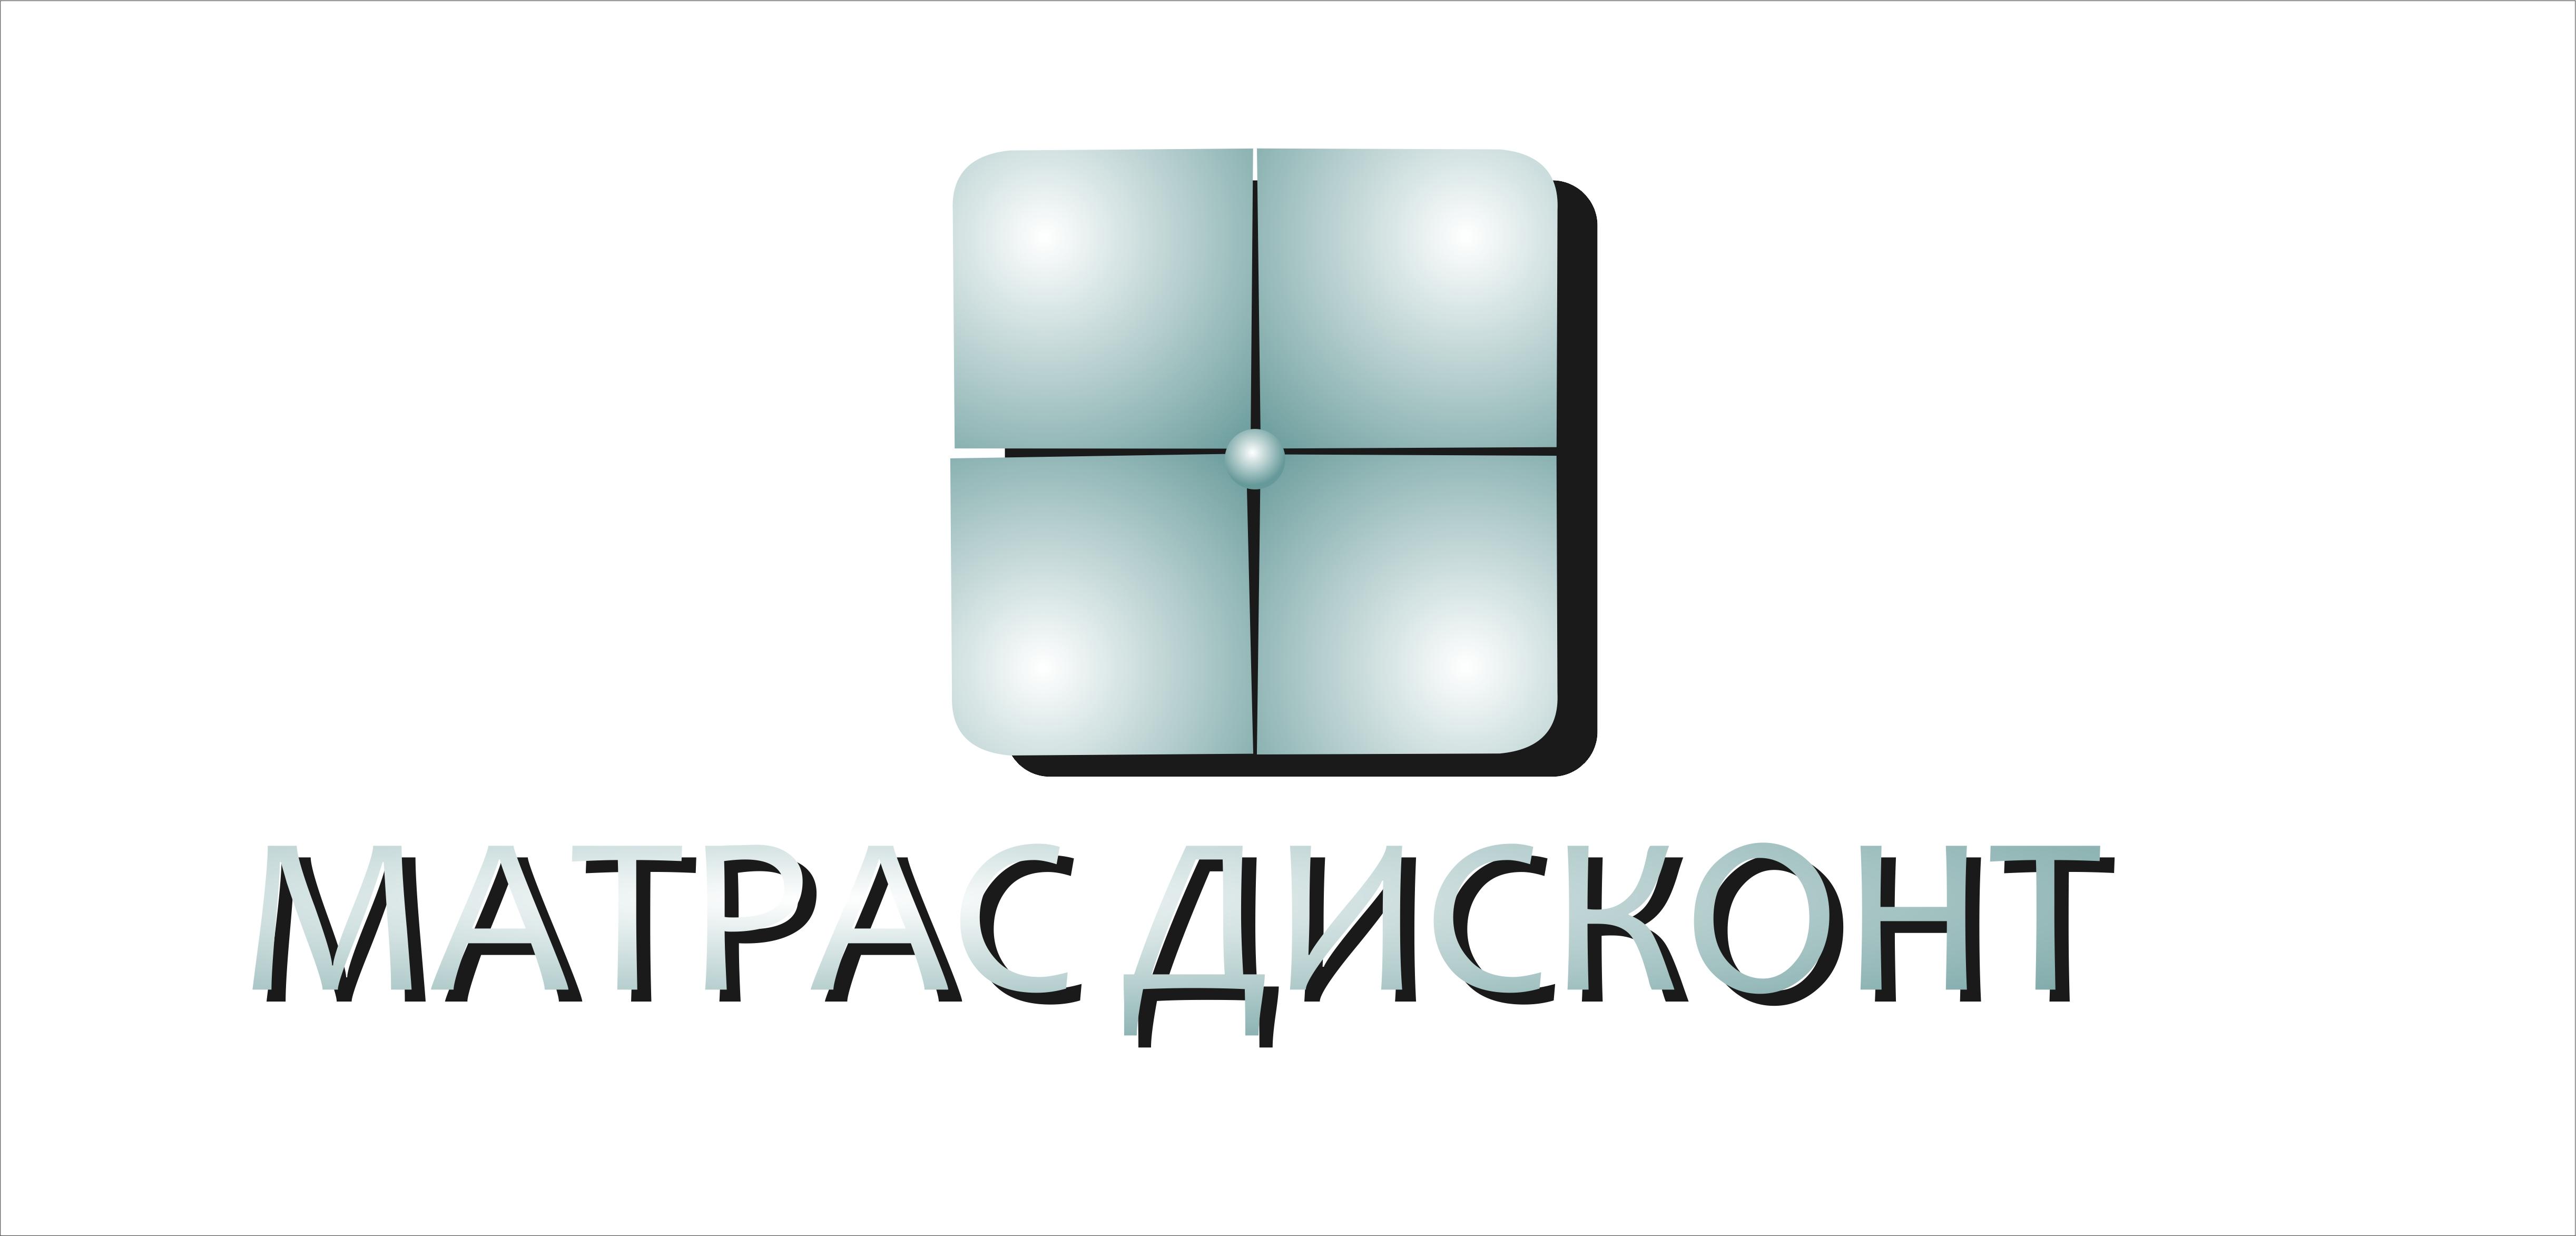 Логотип для ИМ матрасов фото f_3595c88d2ed5dfe3.jpg